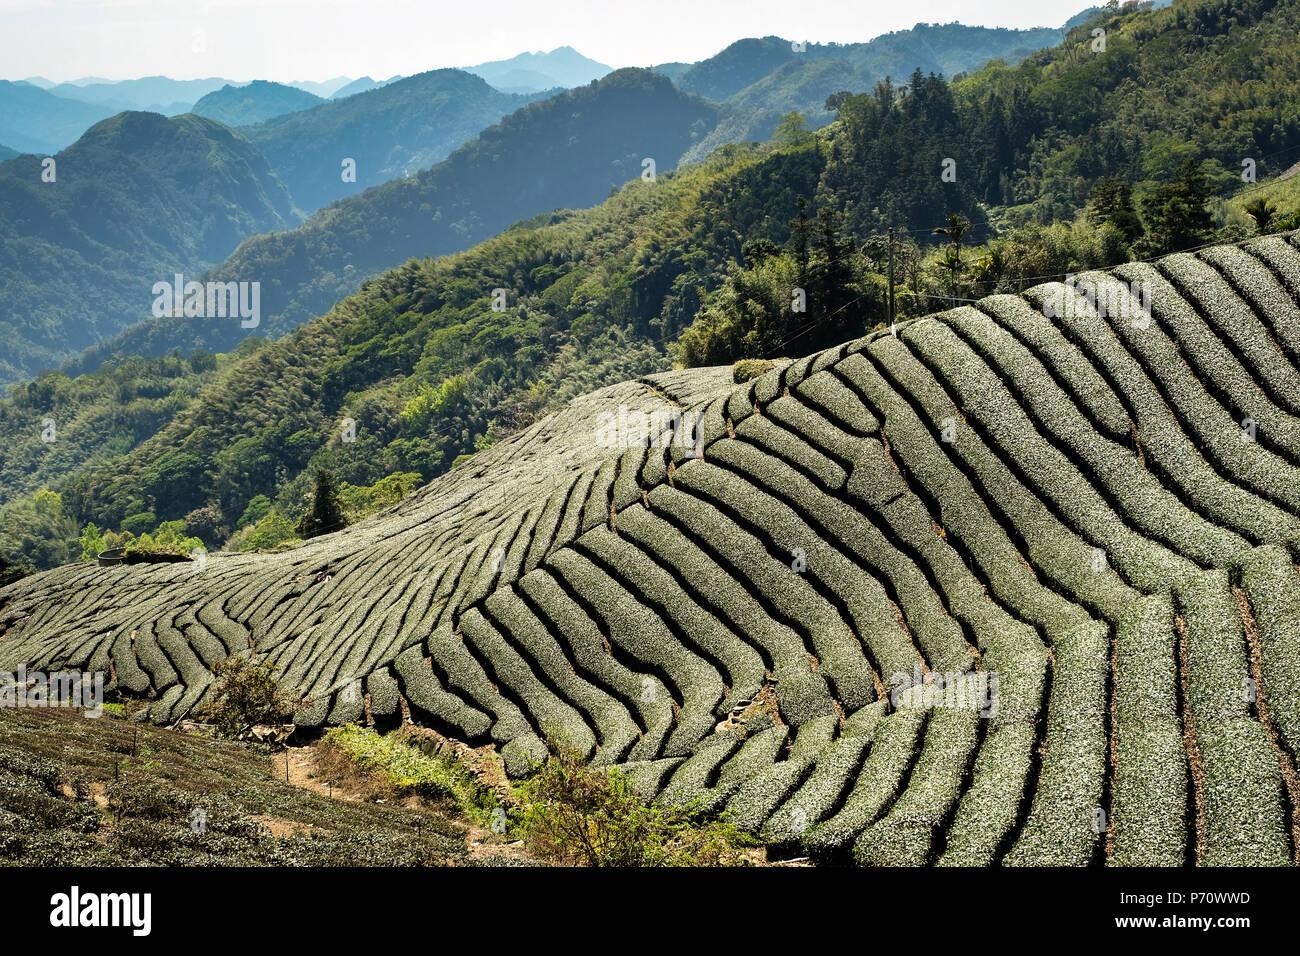 Tea plantations at Yuyu Pass in Alishan Mountains, Chiayi, Taiwan